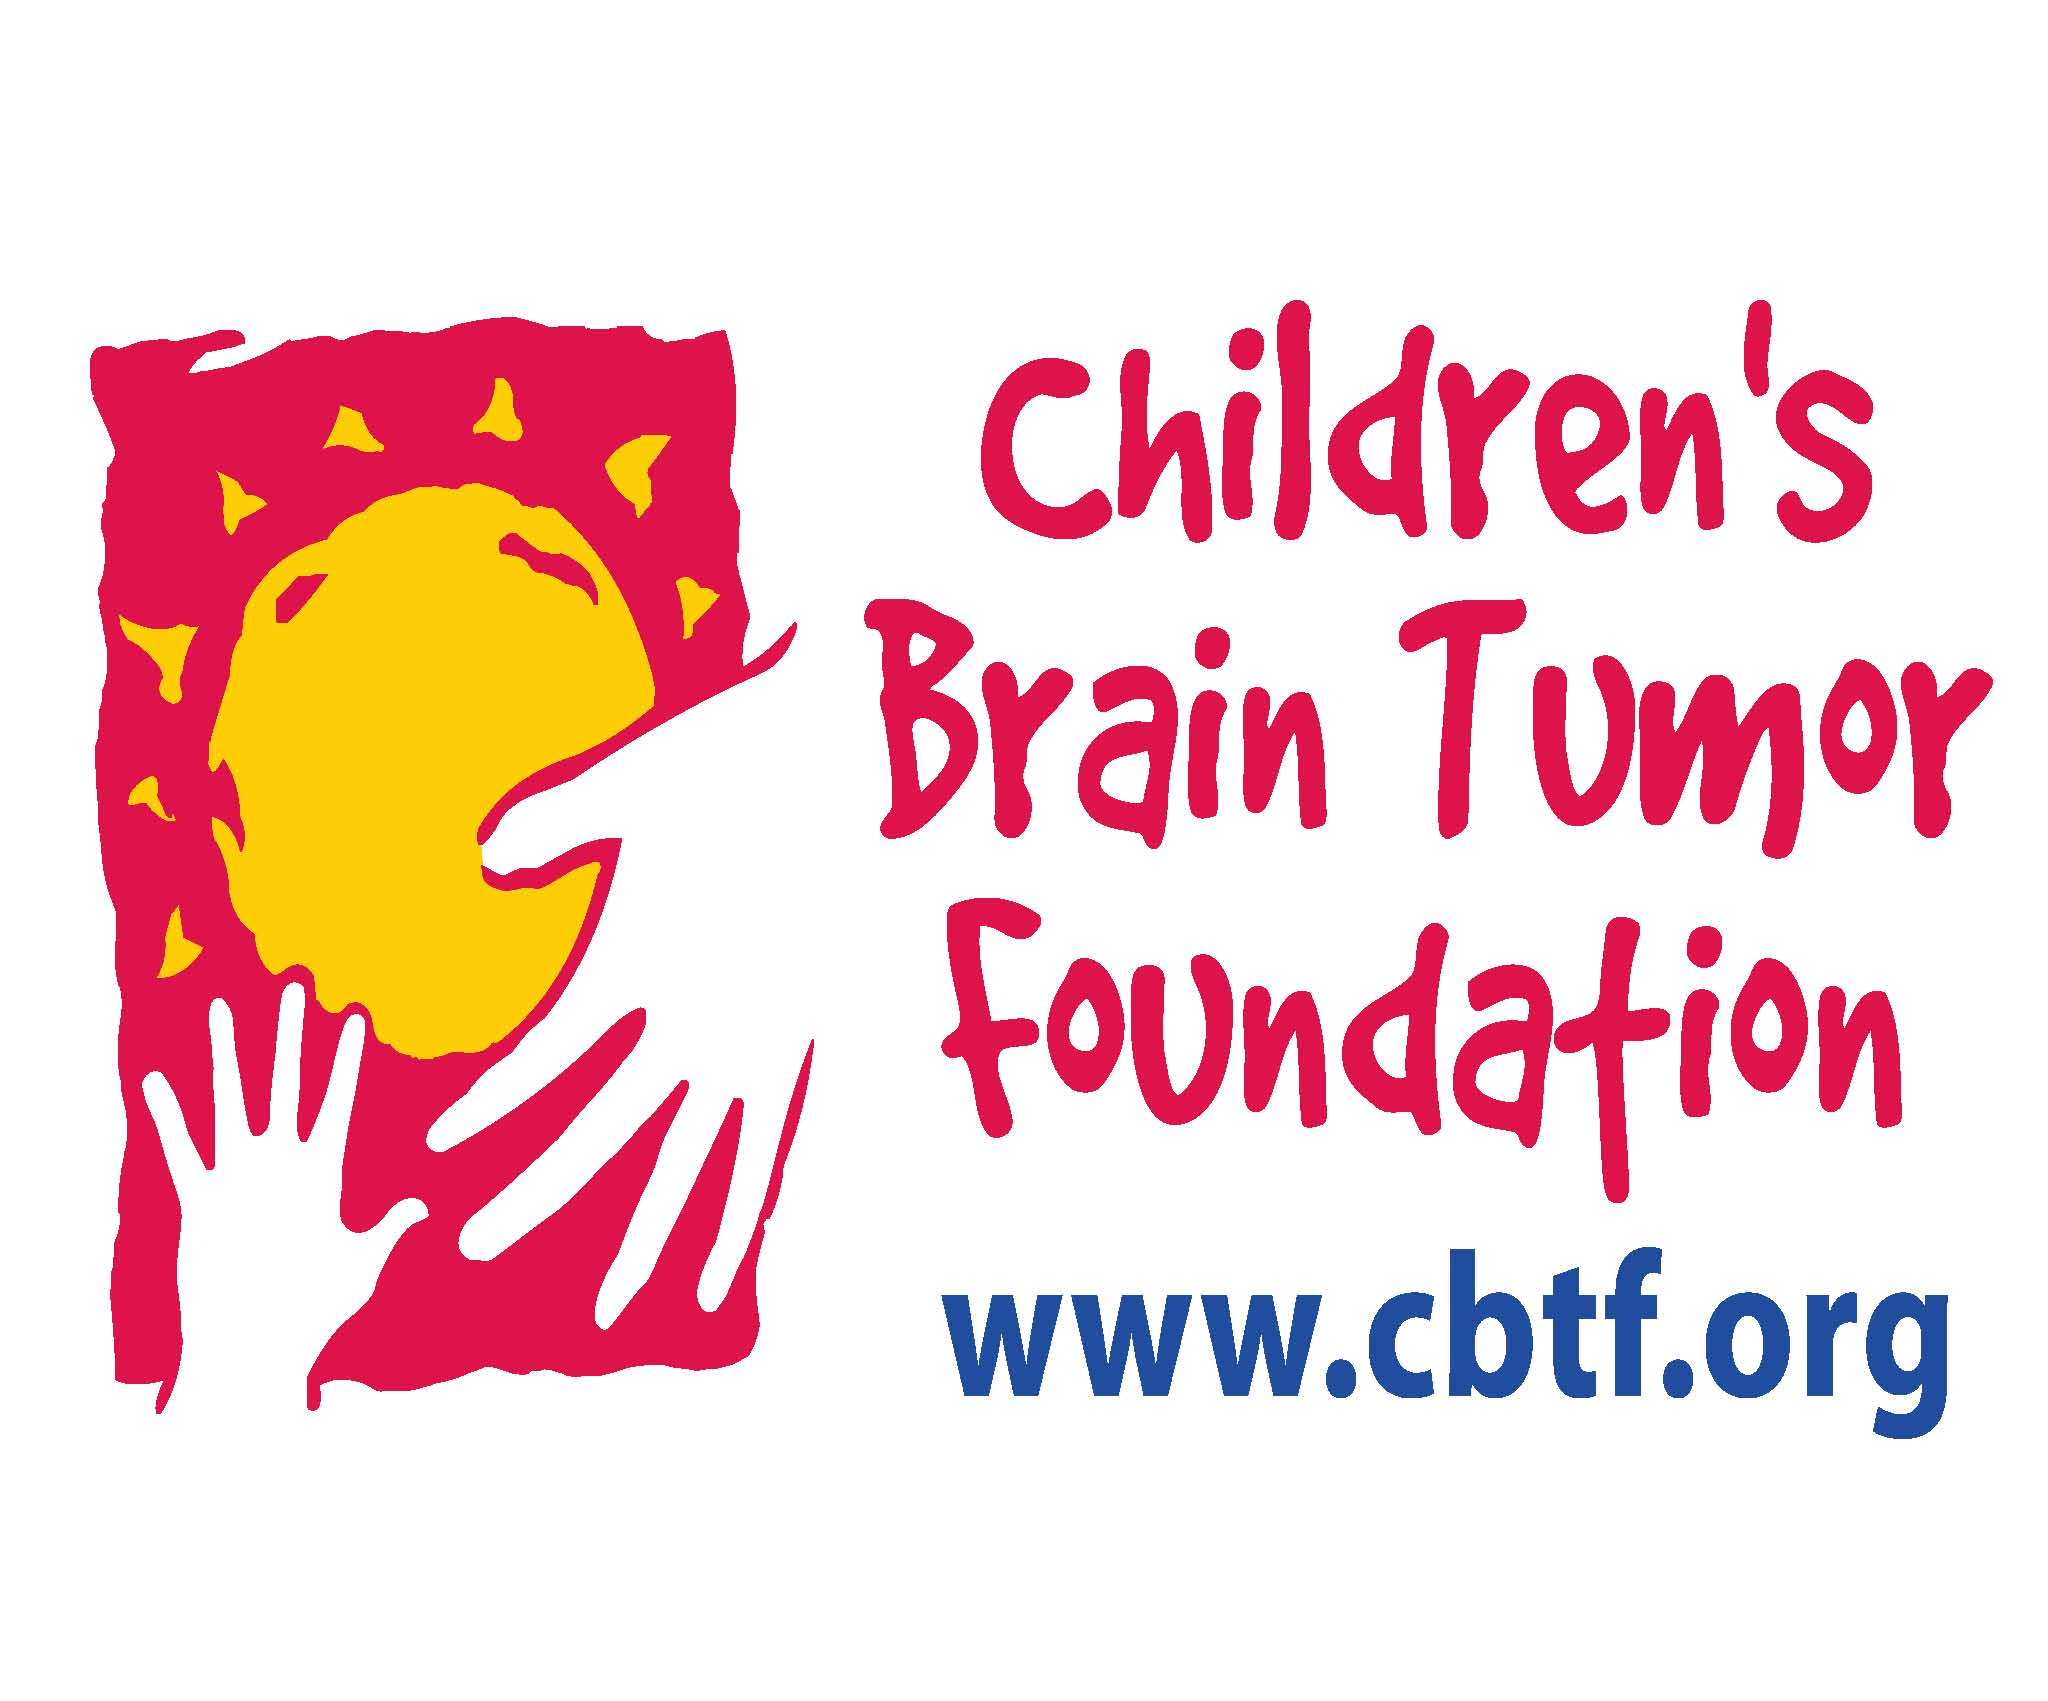 Children's Brain Tumor Foundation logo